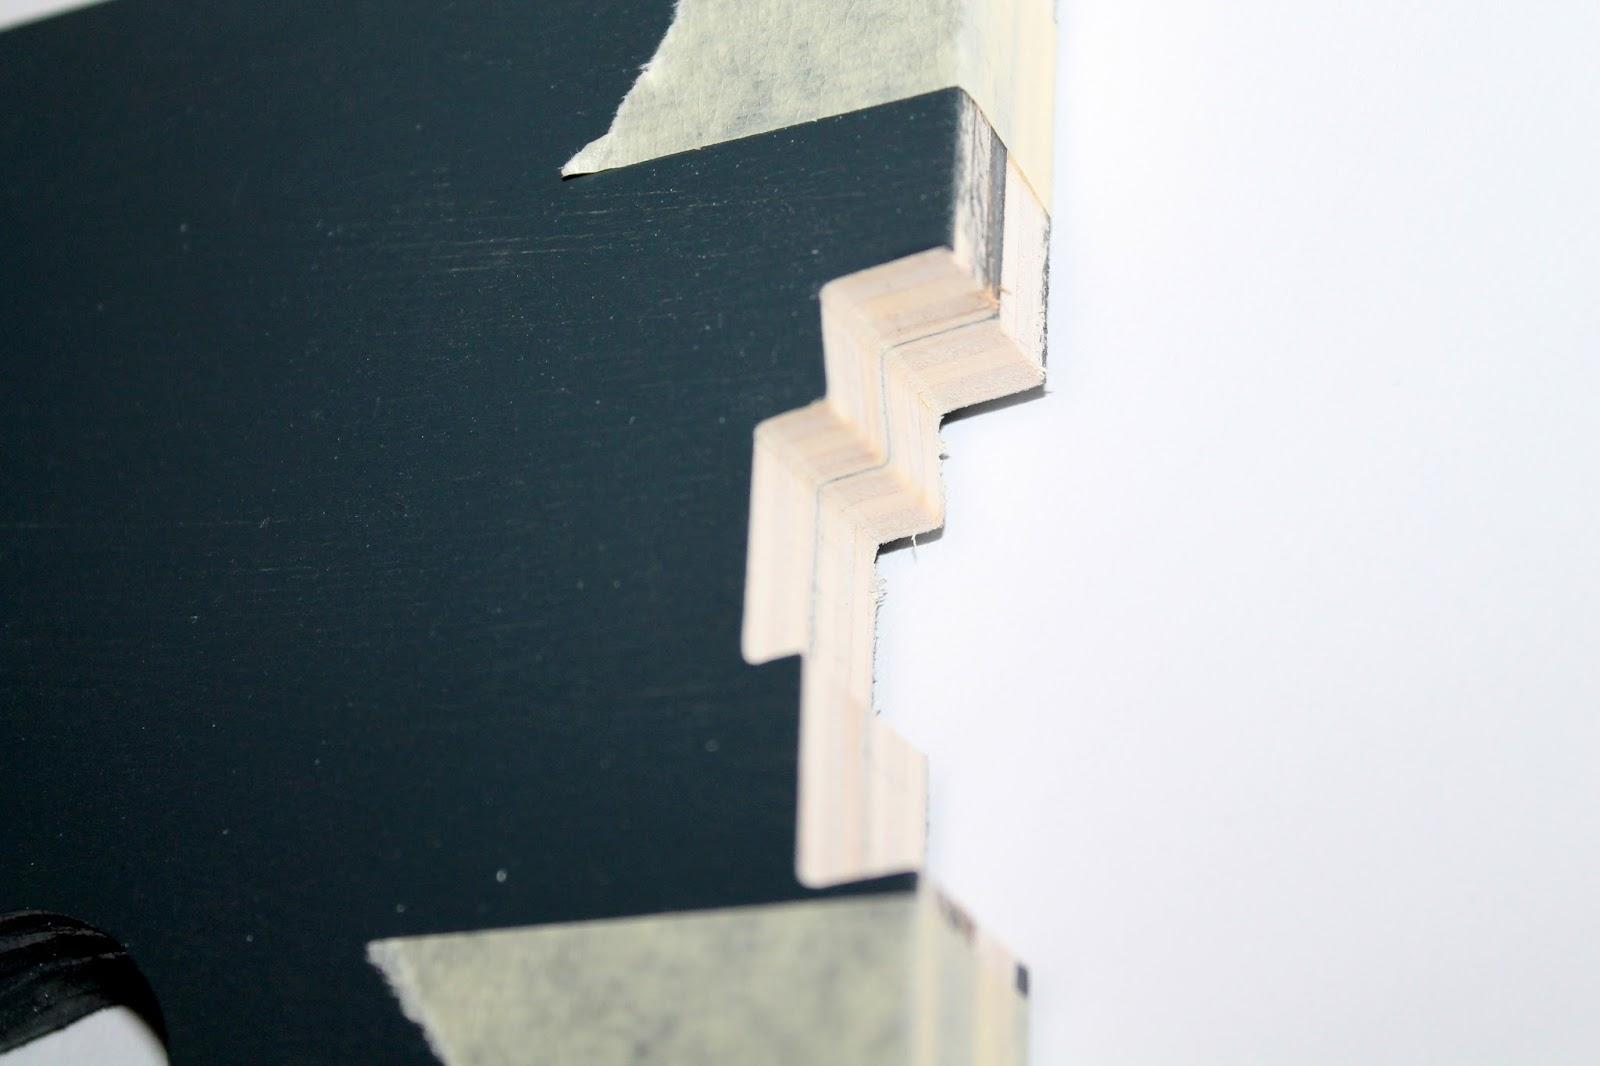 DIY, Basteln: Laubsägearbeit viktorianisches Regal aus Holz als Geschenkidee und Wohndekoration - DIYCarinchen